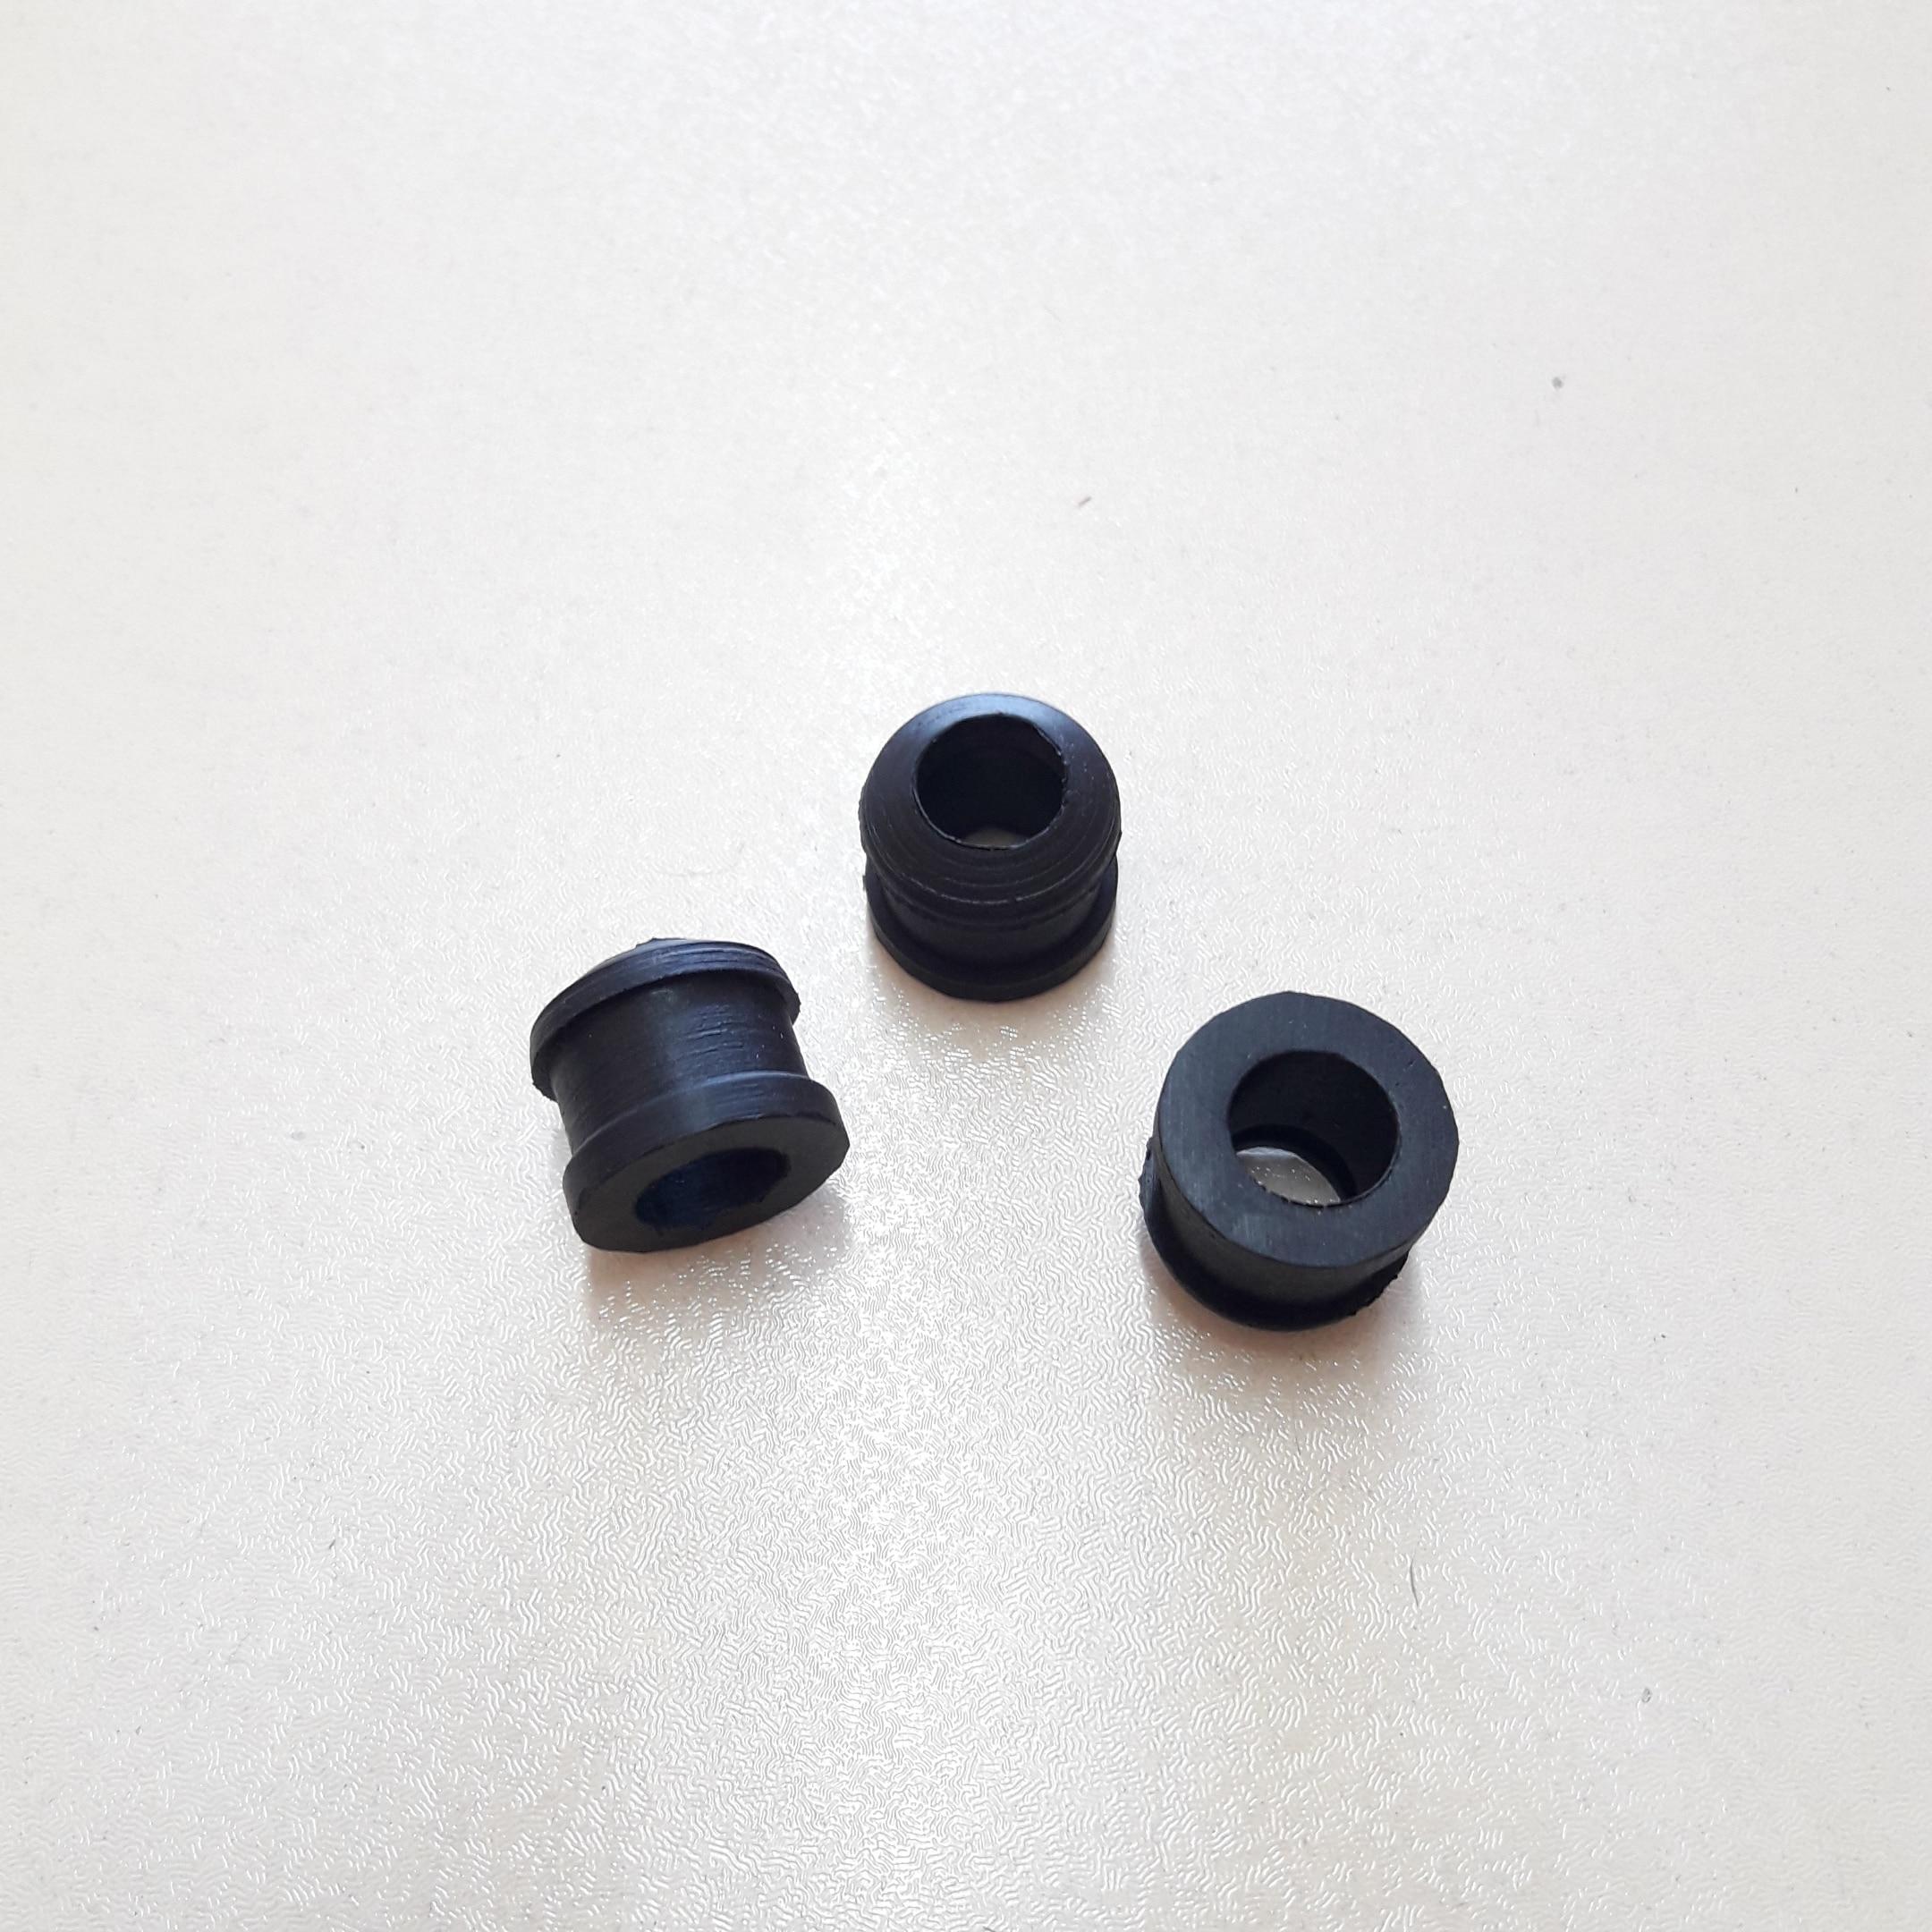 3 قطعة والعتاد التحول التحكم رابط جلبة لشركة هيونداي Starex H-1 2002-2007 43761-47000 4376147000